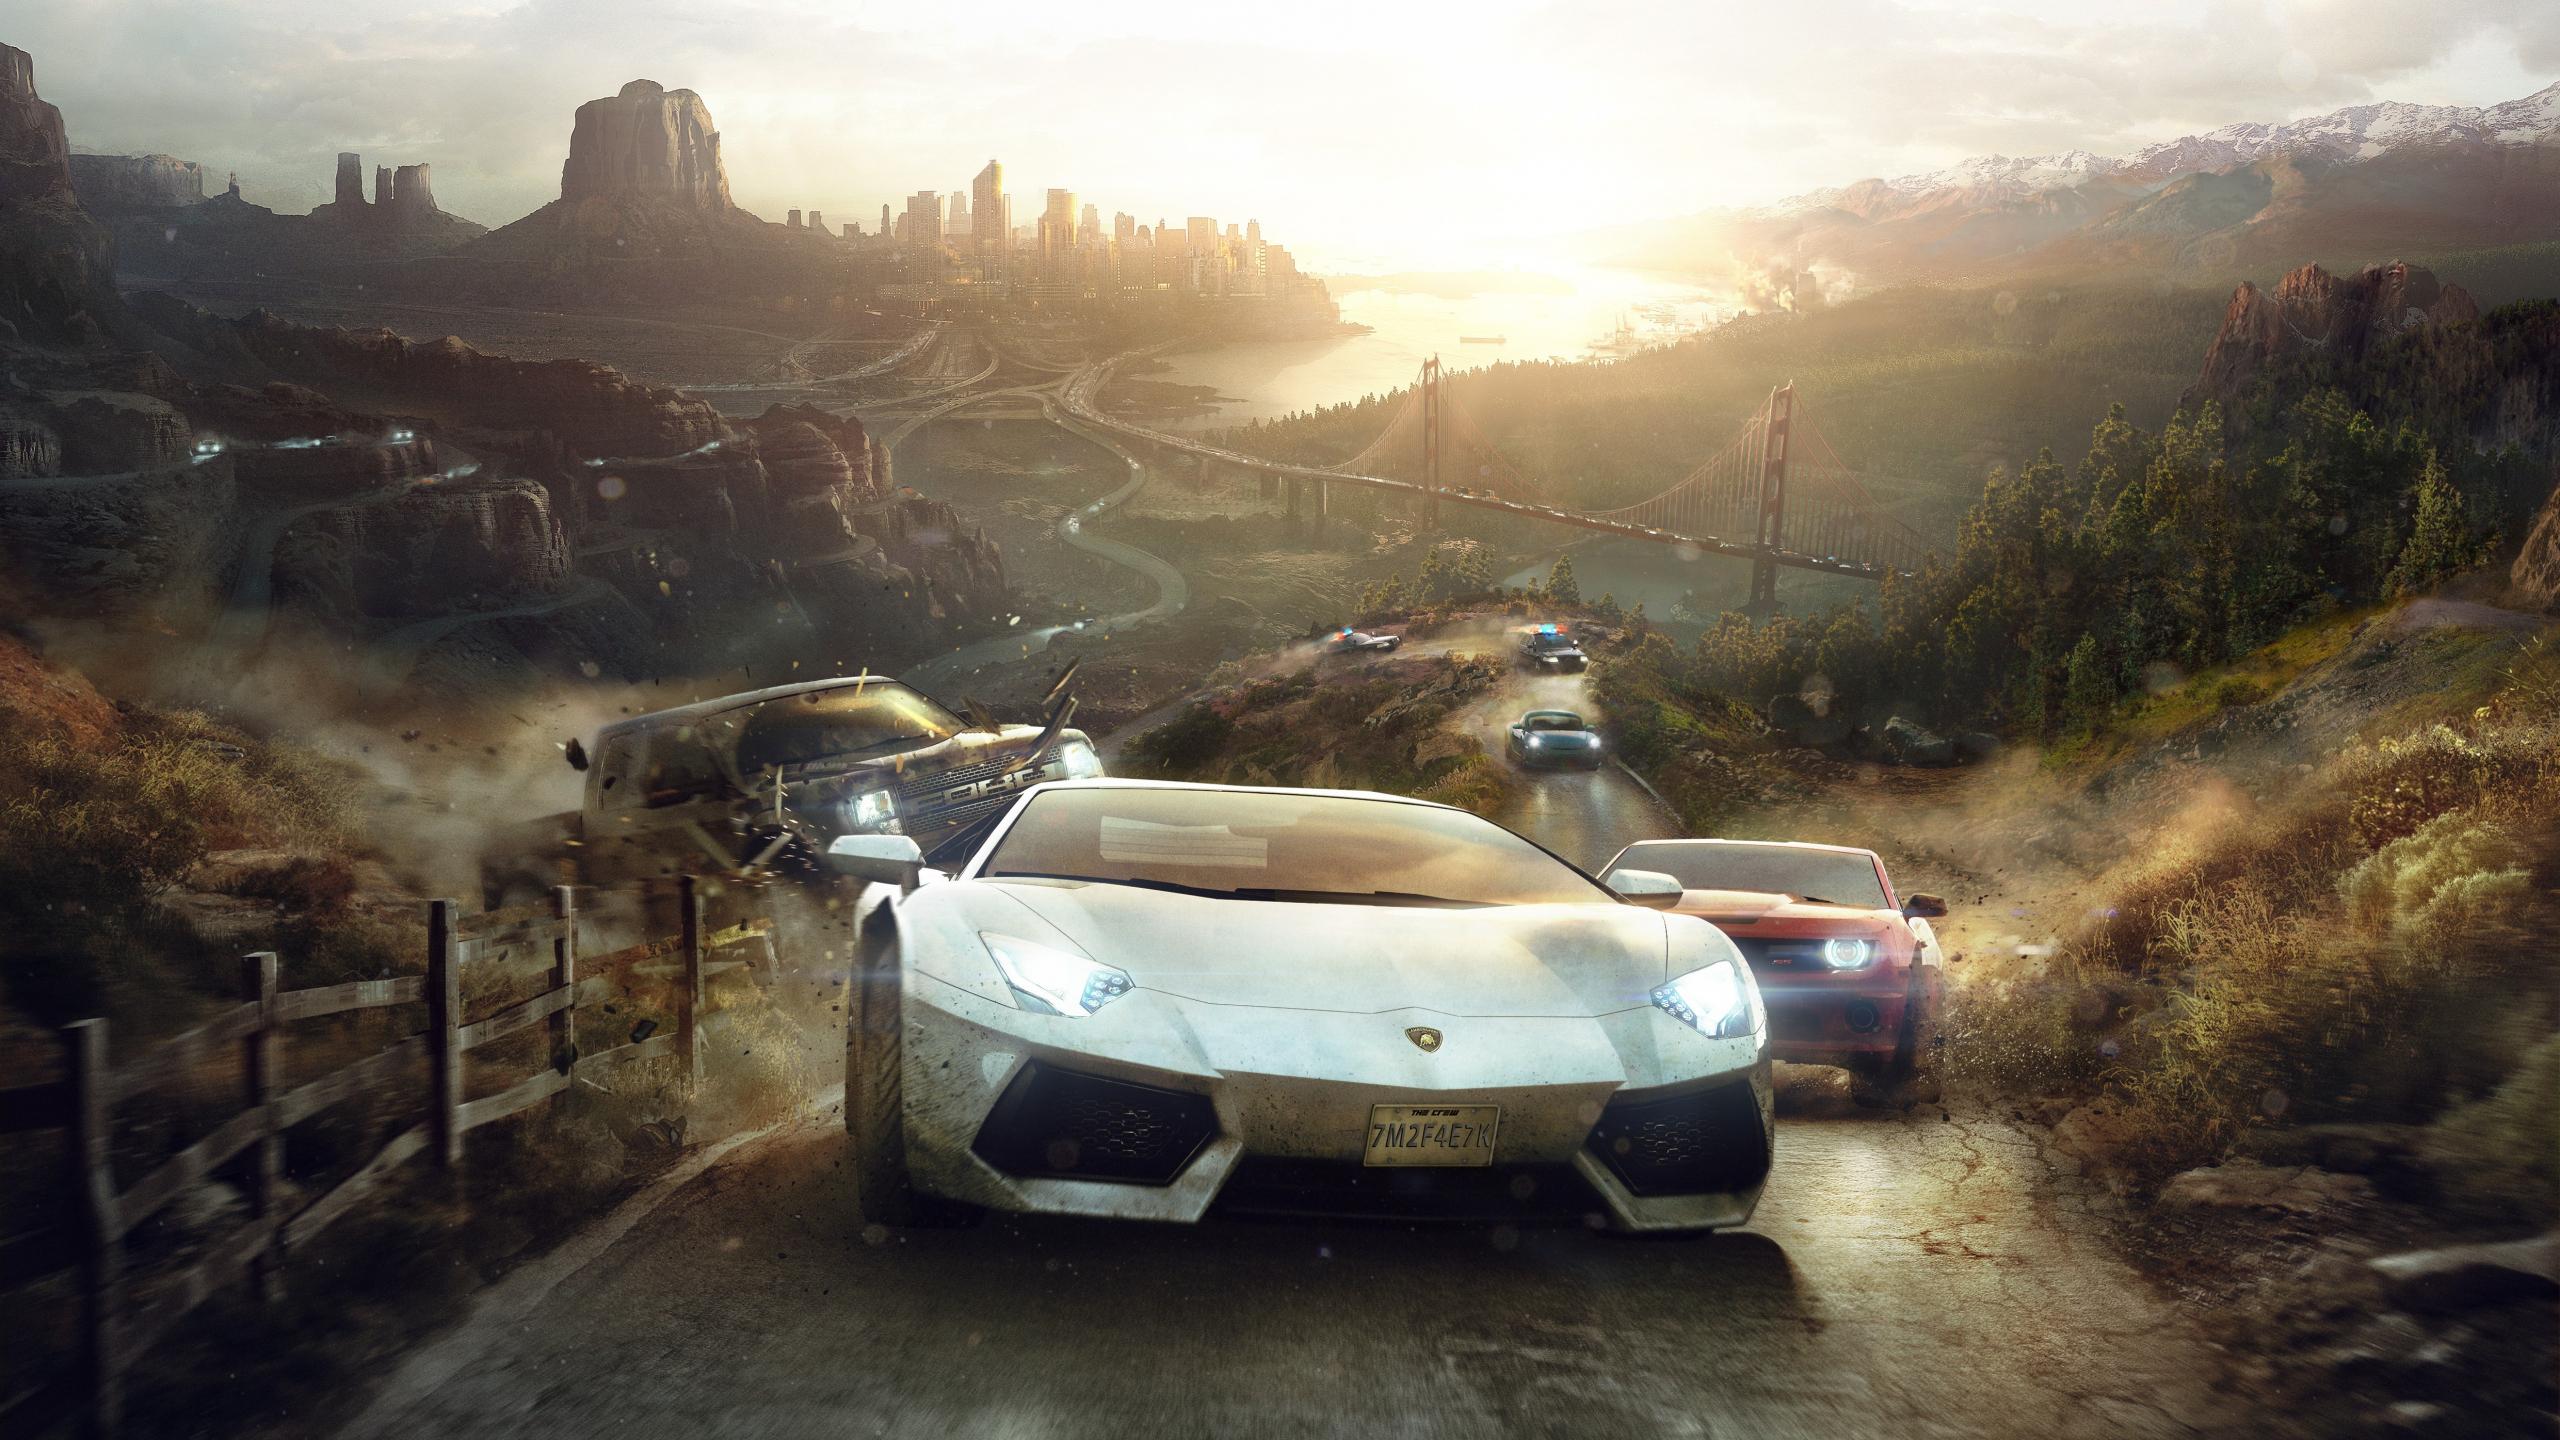 Download 2560x1440 Wallpaper The Crew Game Lamborghini Racing Cars